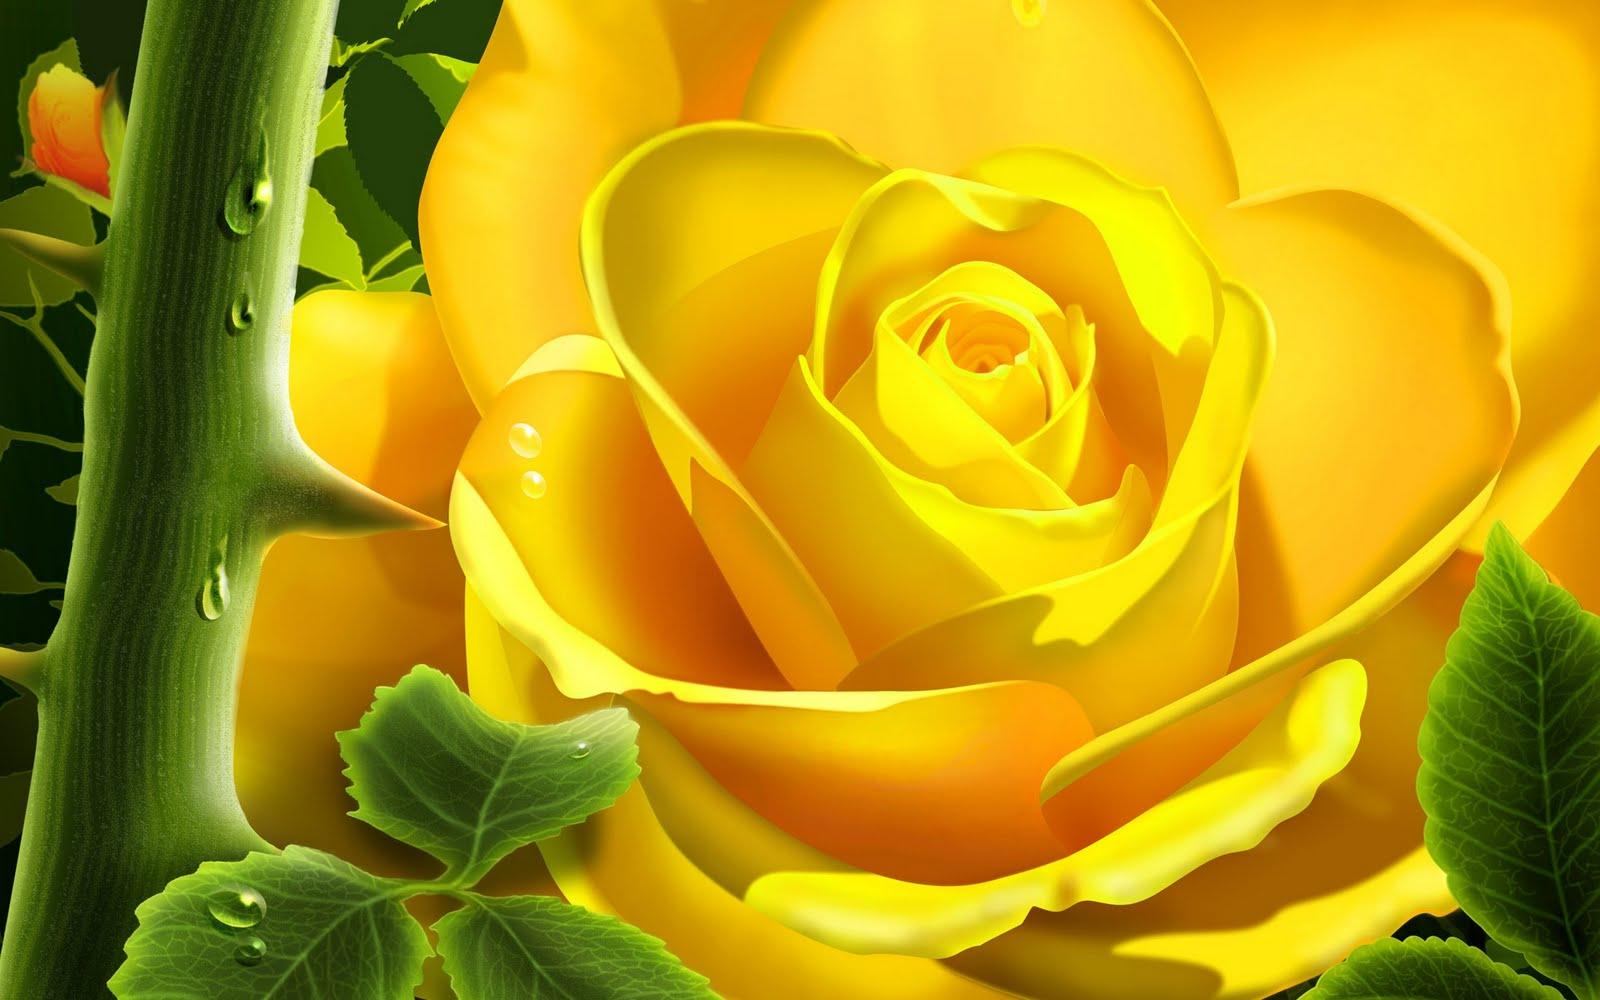 http://4.bp.blogspot.com/_2IU2Nt4rD1k/THZ1SXoCd1I/AAAAAAAACBU/G8gcnrze37Q/s1600/flower_wallpaper_3.jpg